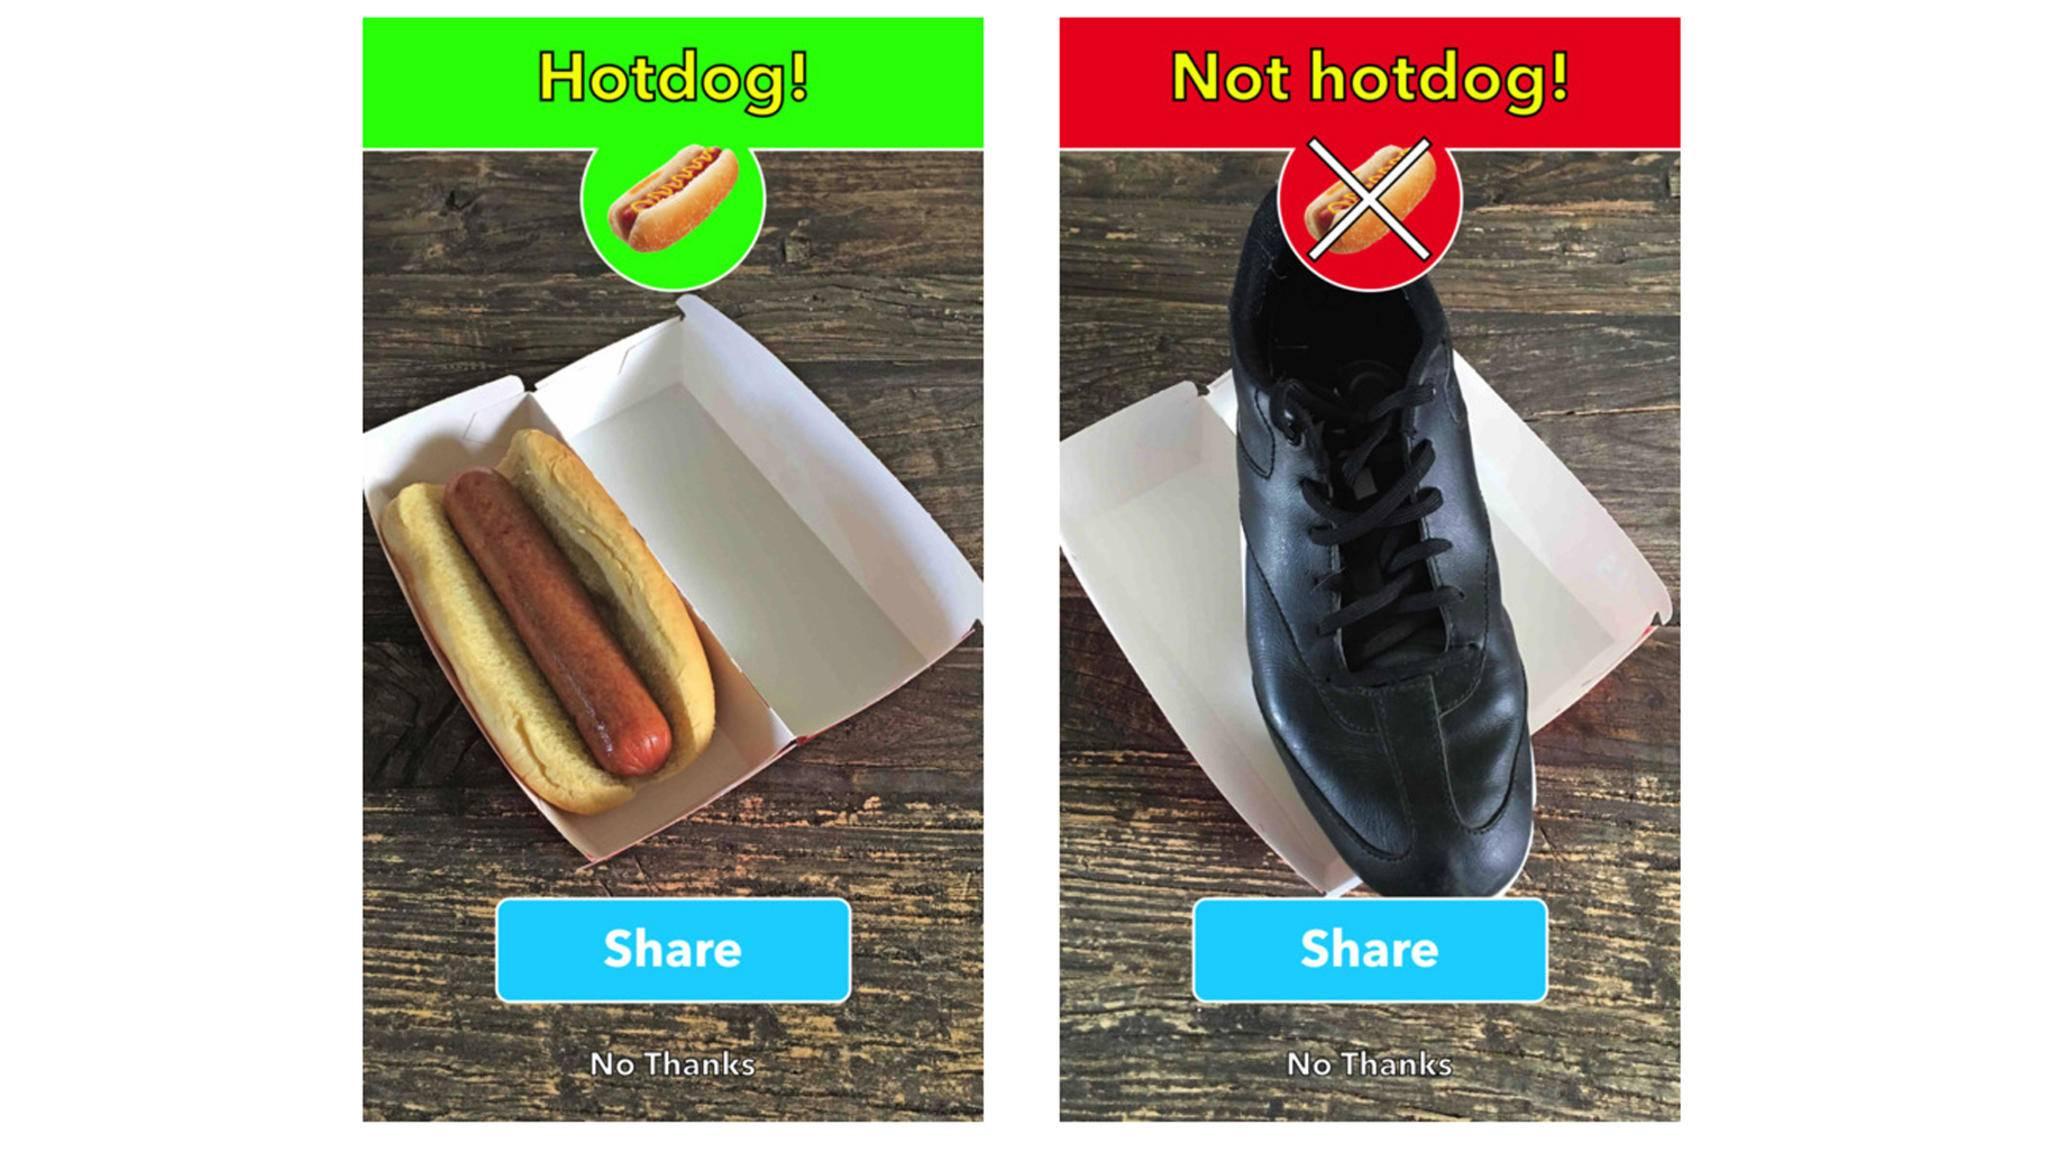 Ein Hotdog oder kein Hotdog, das ist hier die Frage ...